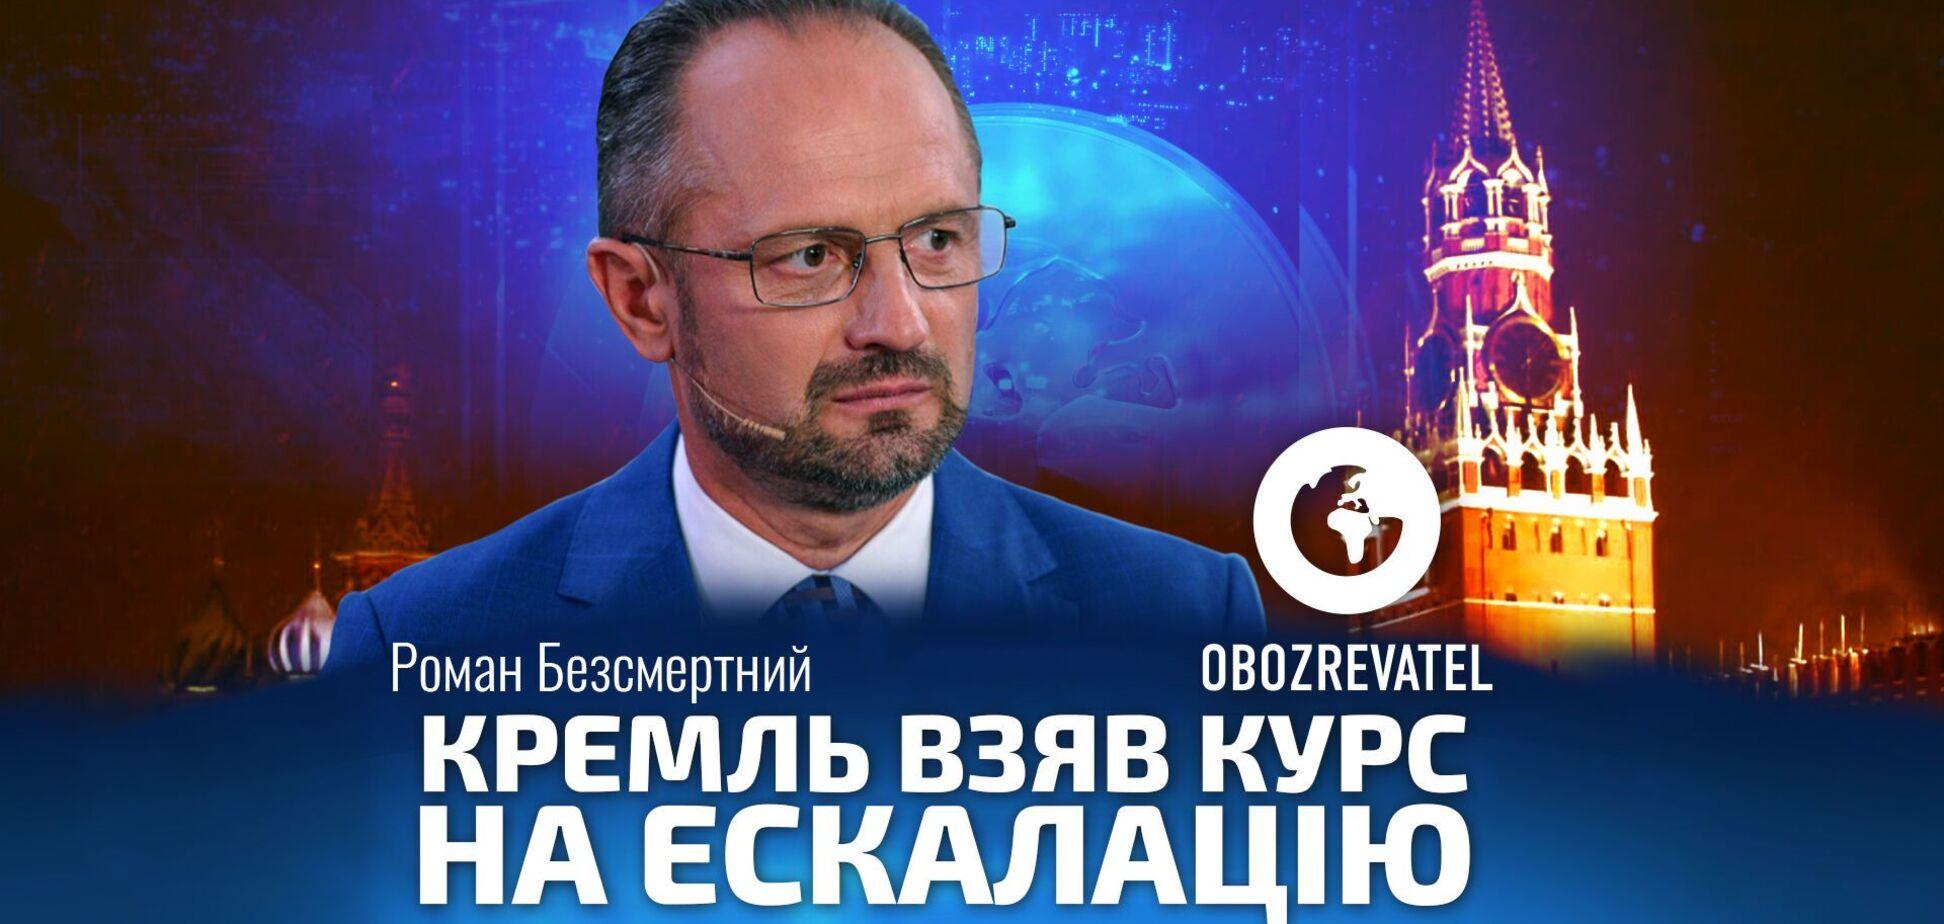 Безсмертний: Кремль взяв курс на ескалацію